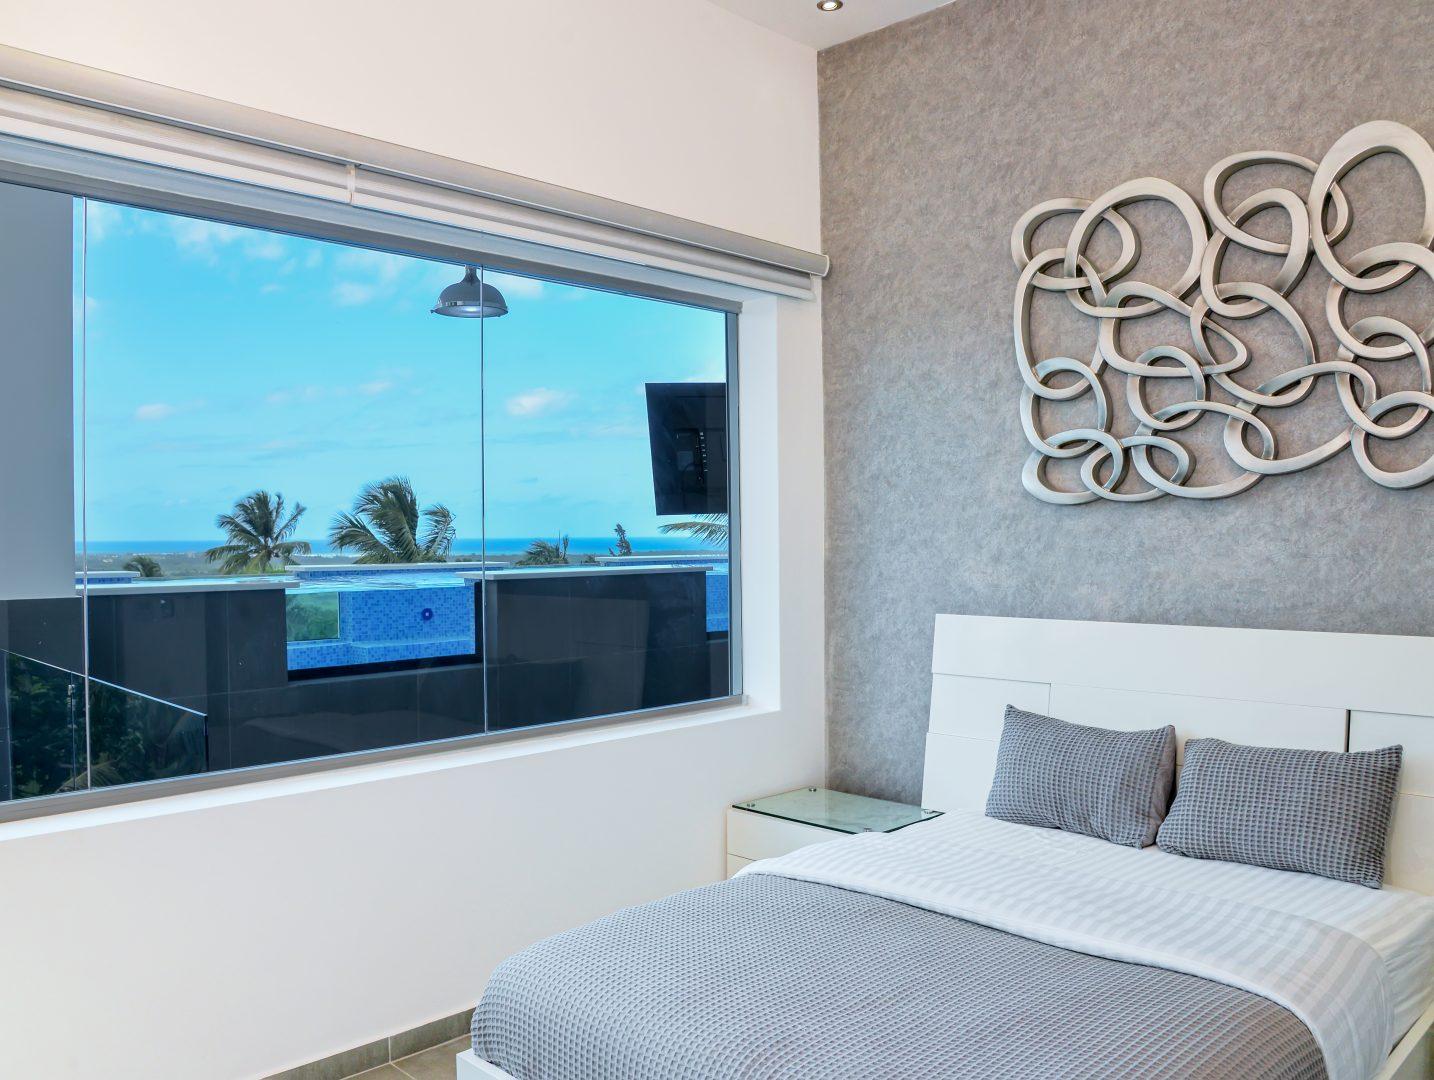 Second Floor Room-2 Bedroom